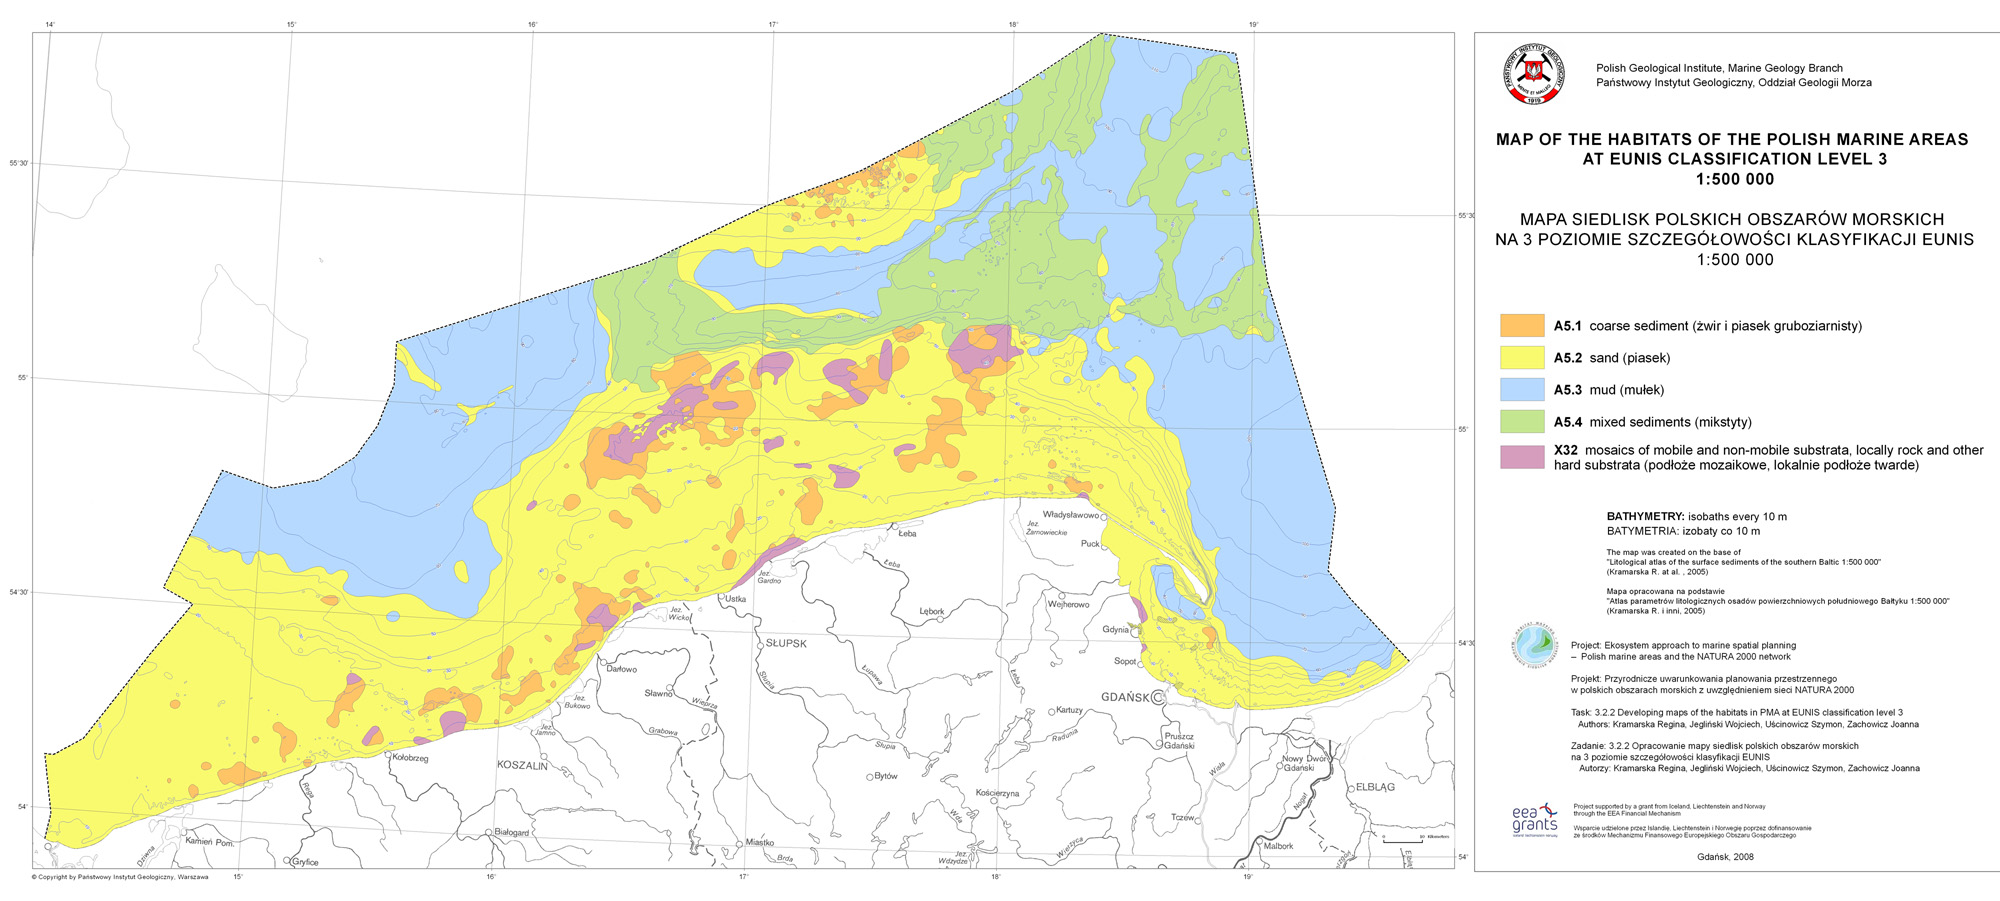 Mapa siedlisk - klasyfikacja